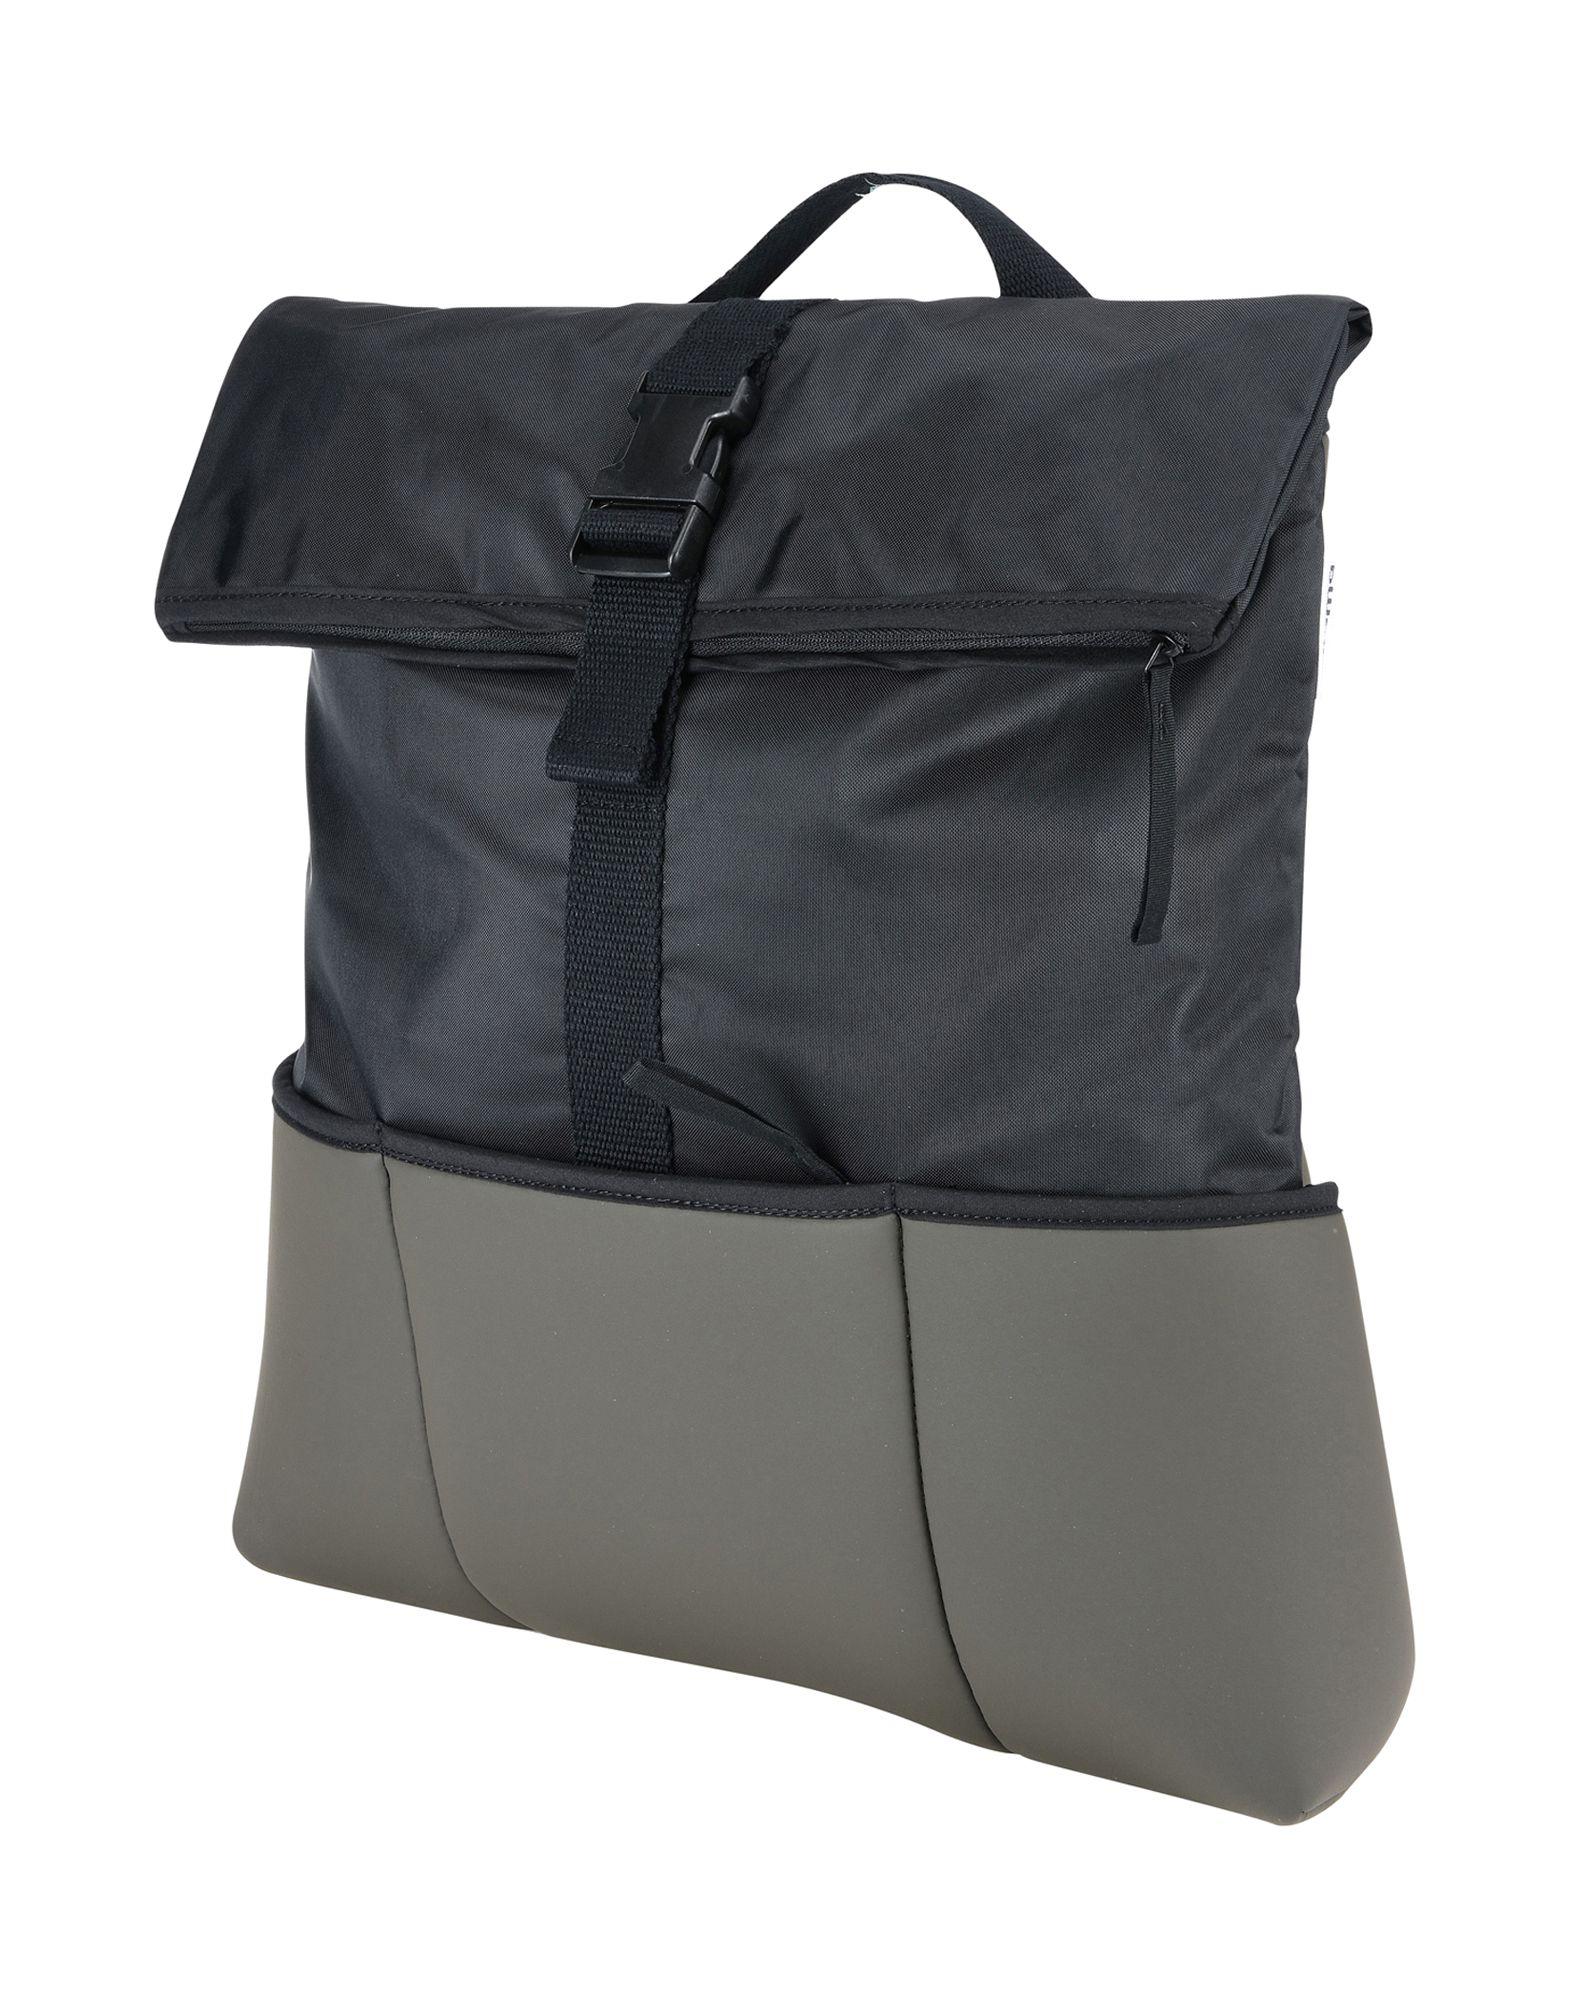 PIJAMA Рюкзаки и сумки на пояс мужские сумки